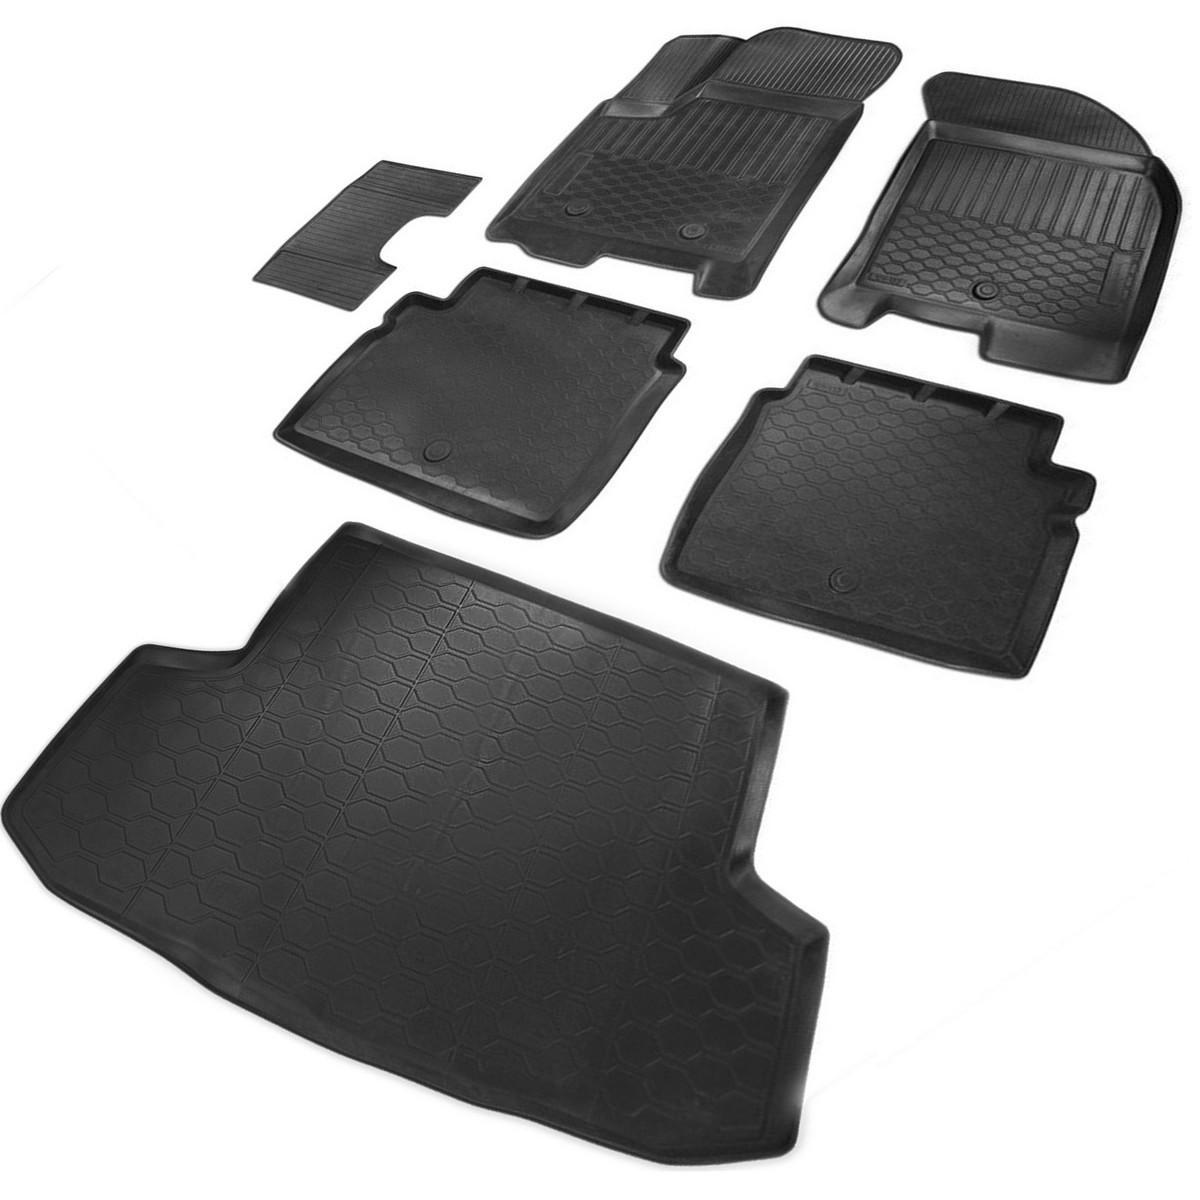 Комплект ковриков салона и багажника Rival Chevrolet Aveo I T200Ravon Nexia R3 седан, поли